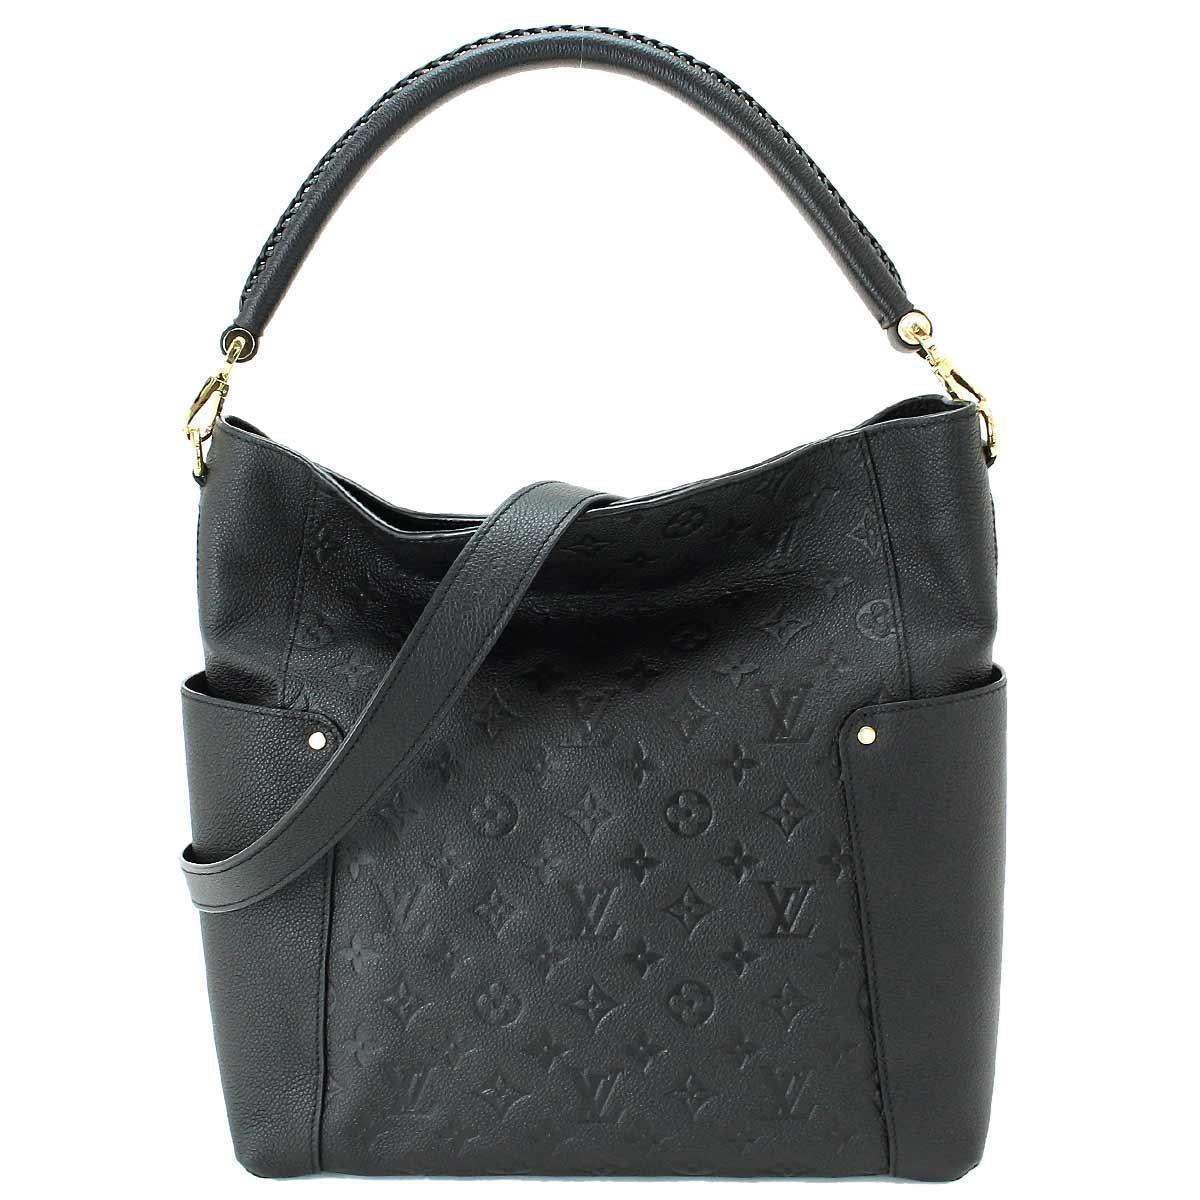 eb235a98f Louis Vuitton Empreinte Bagatelle 2way Shoulder Bag Noir M50072 ...